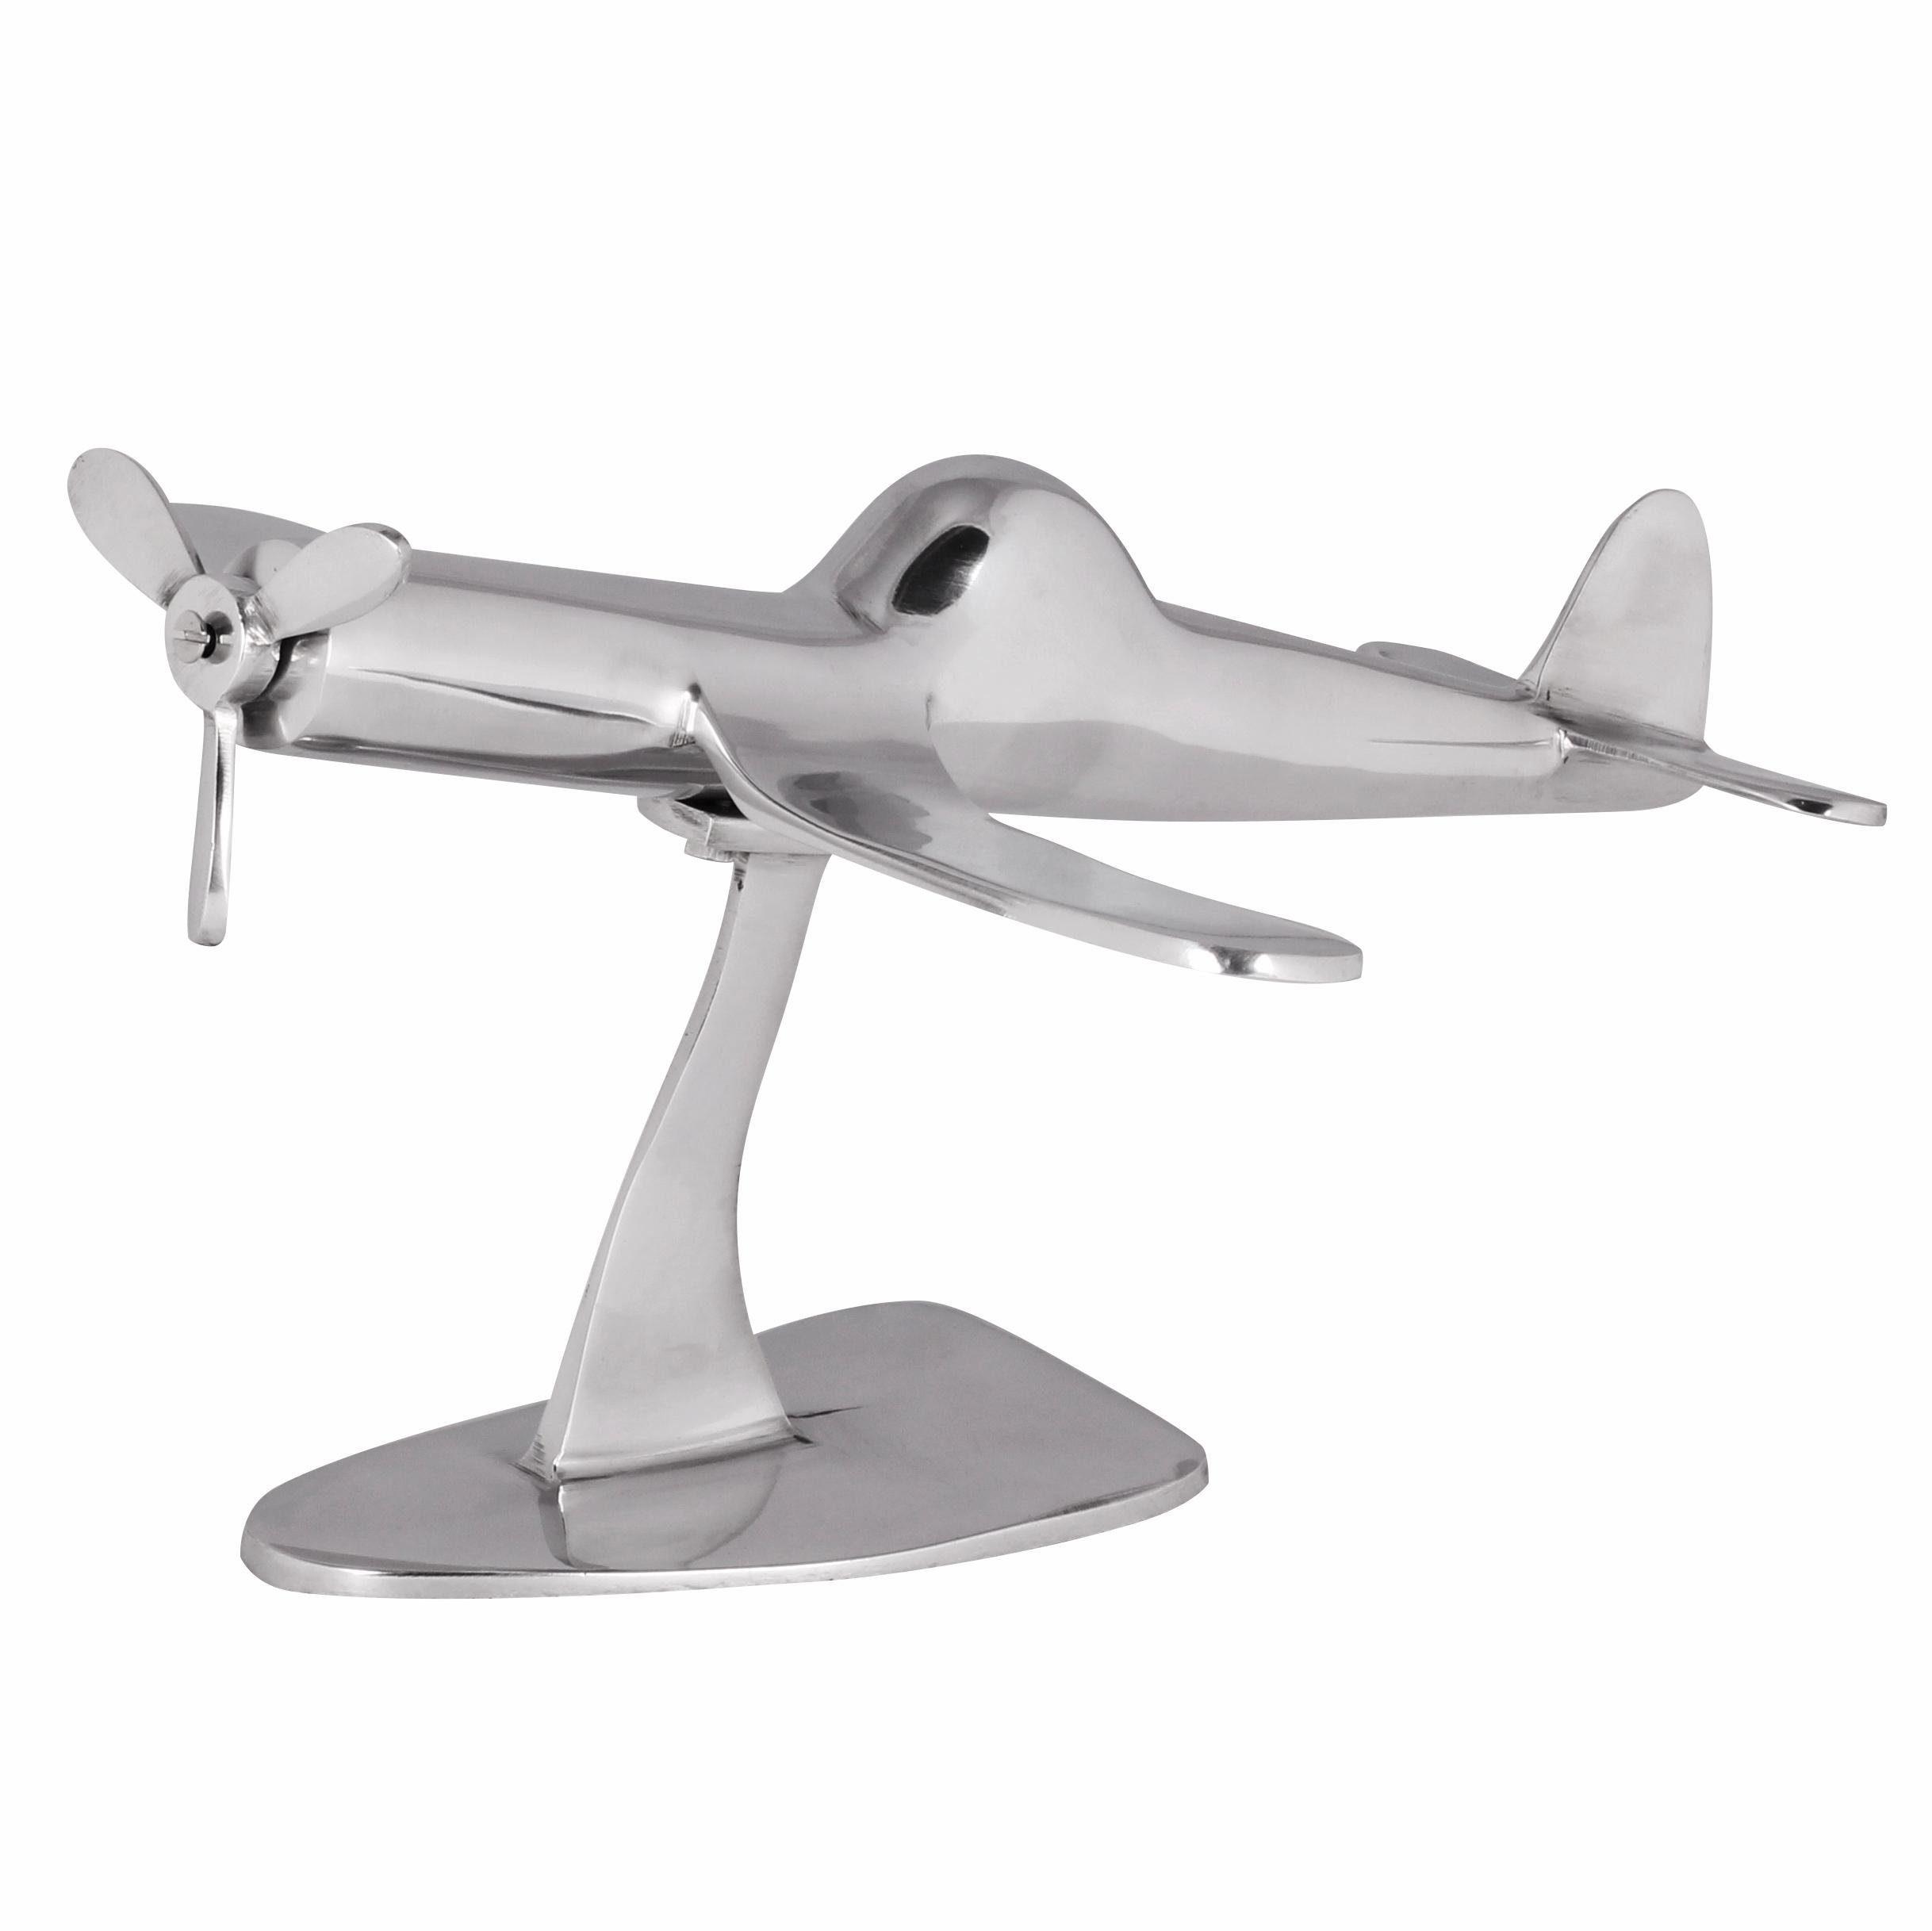 Home affaire Deko Flugzeug »Airplane«